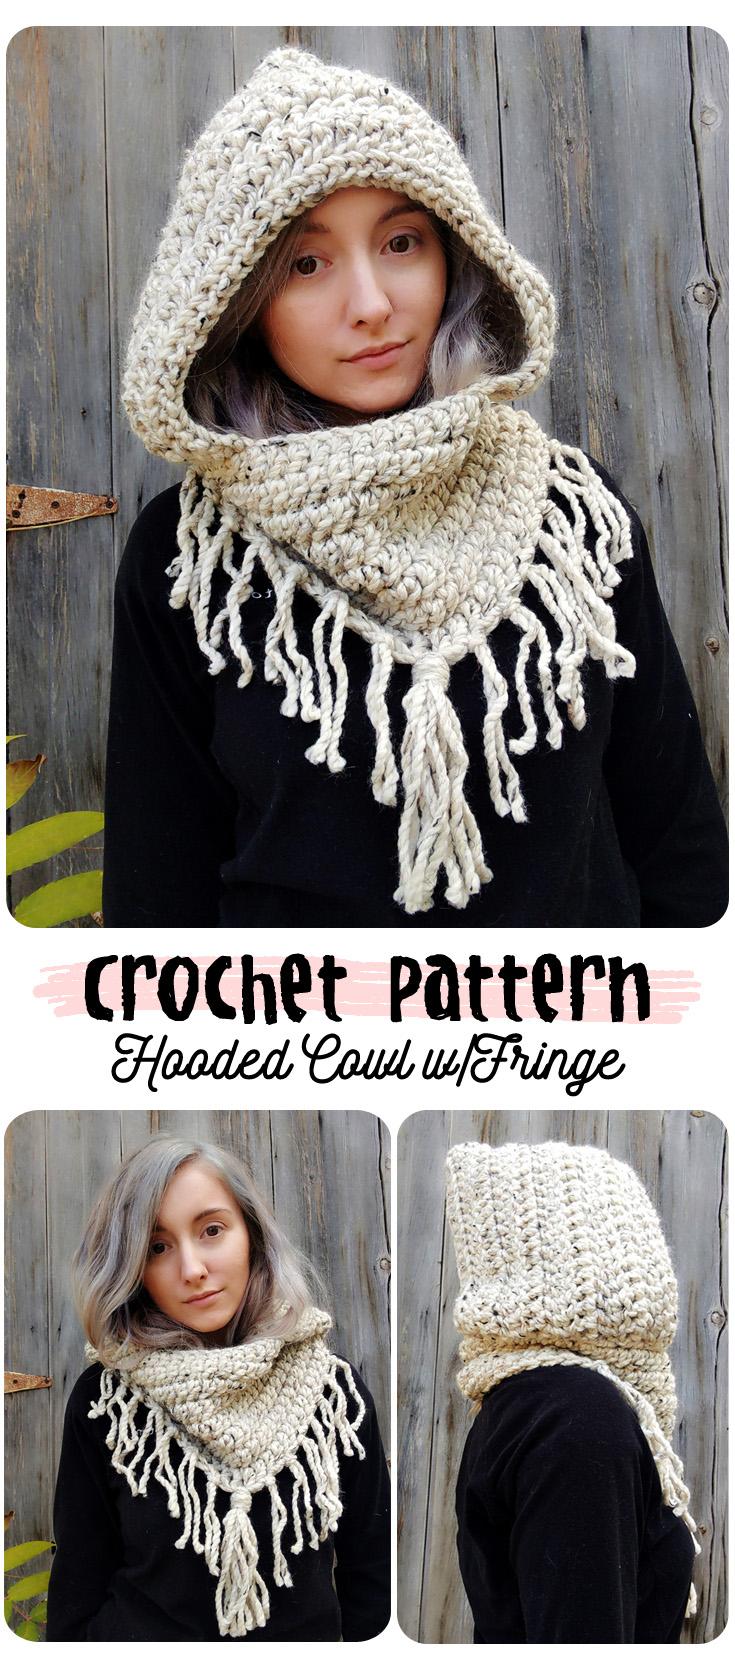 hooded-cowl-crochet-pattern-pin.jpg